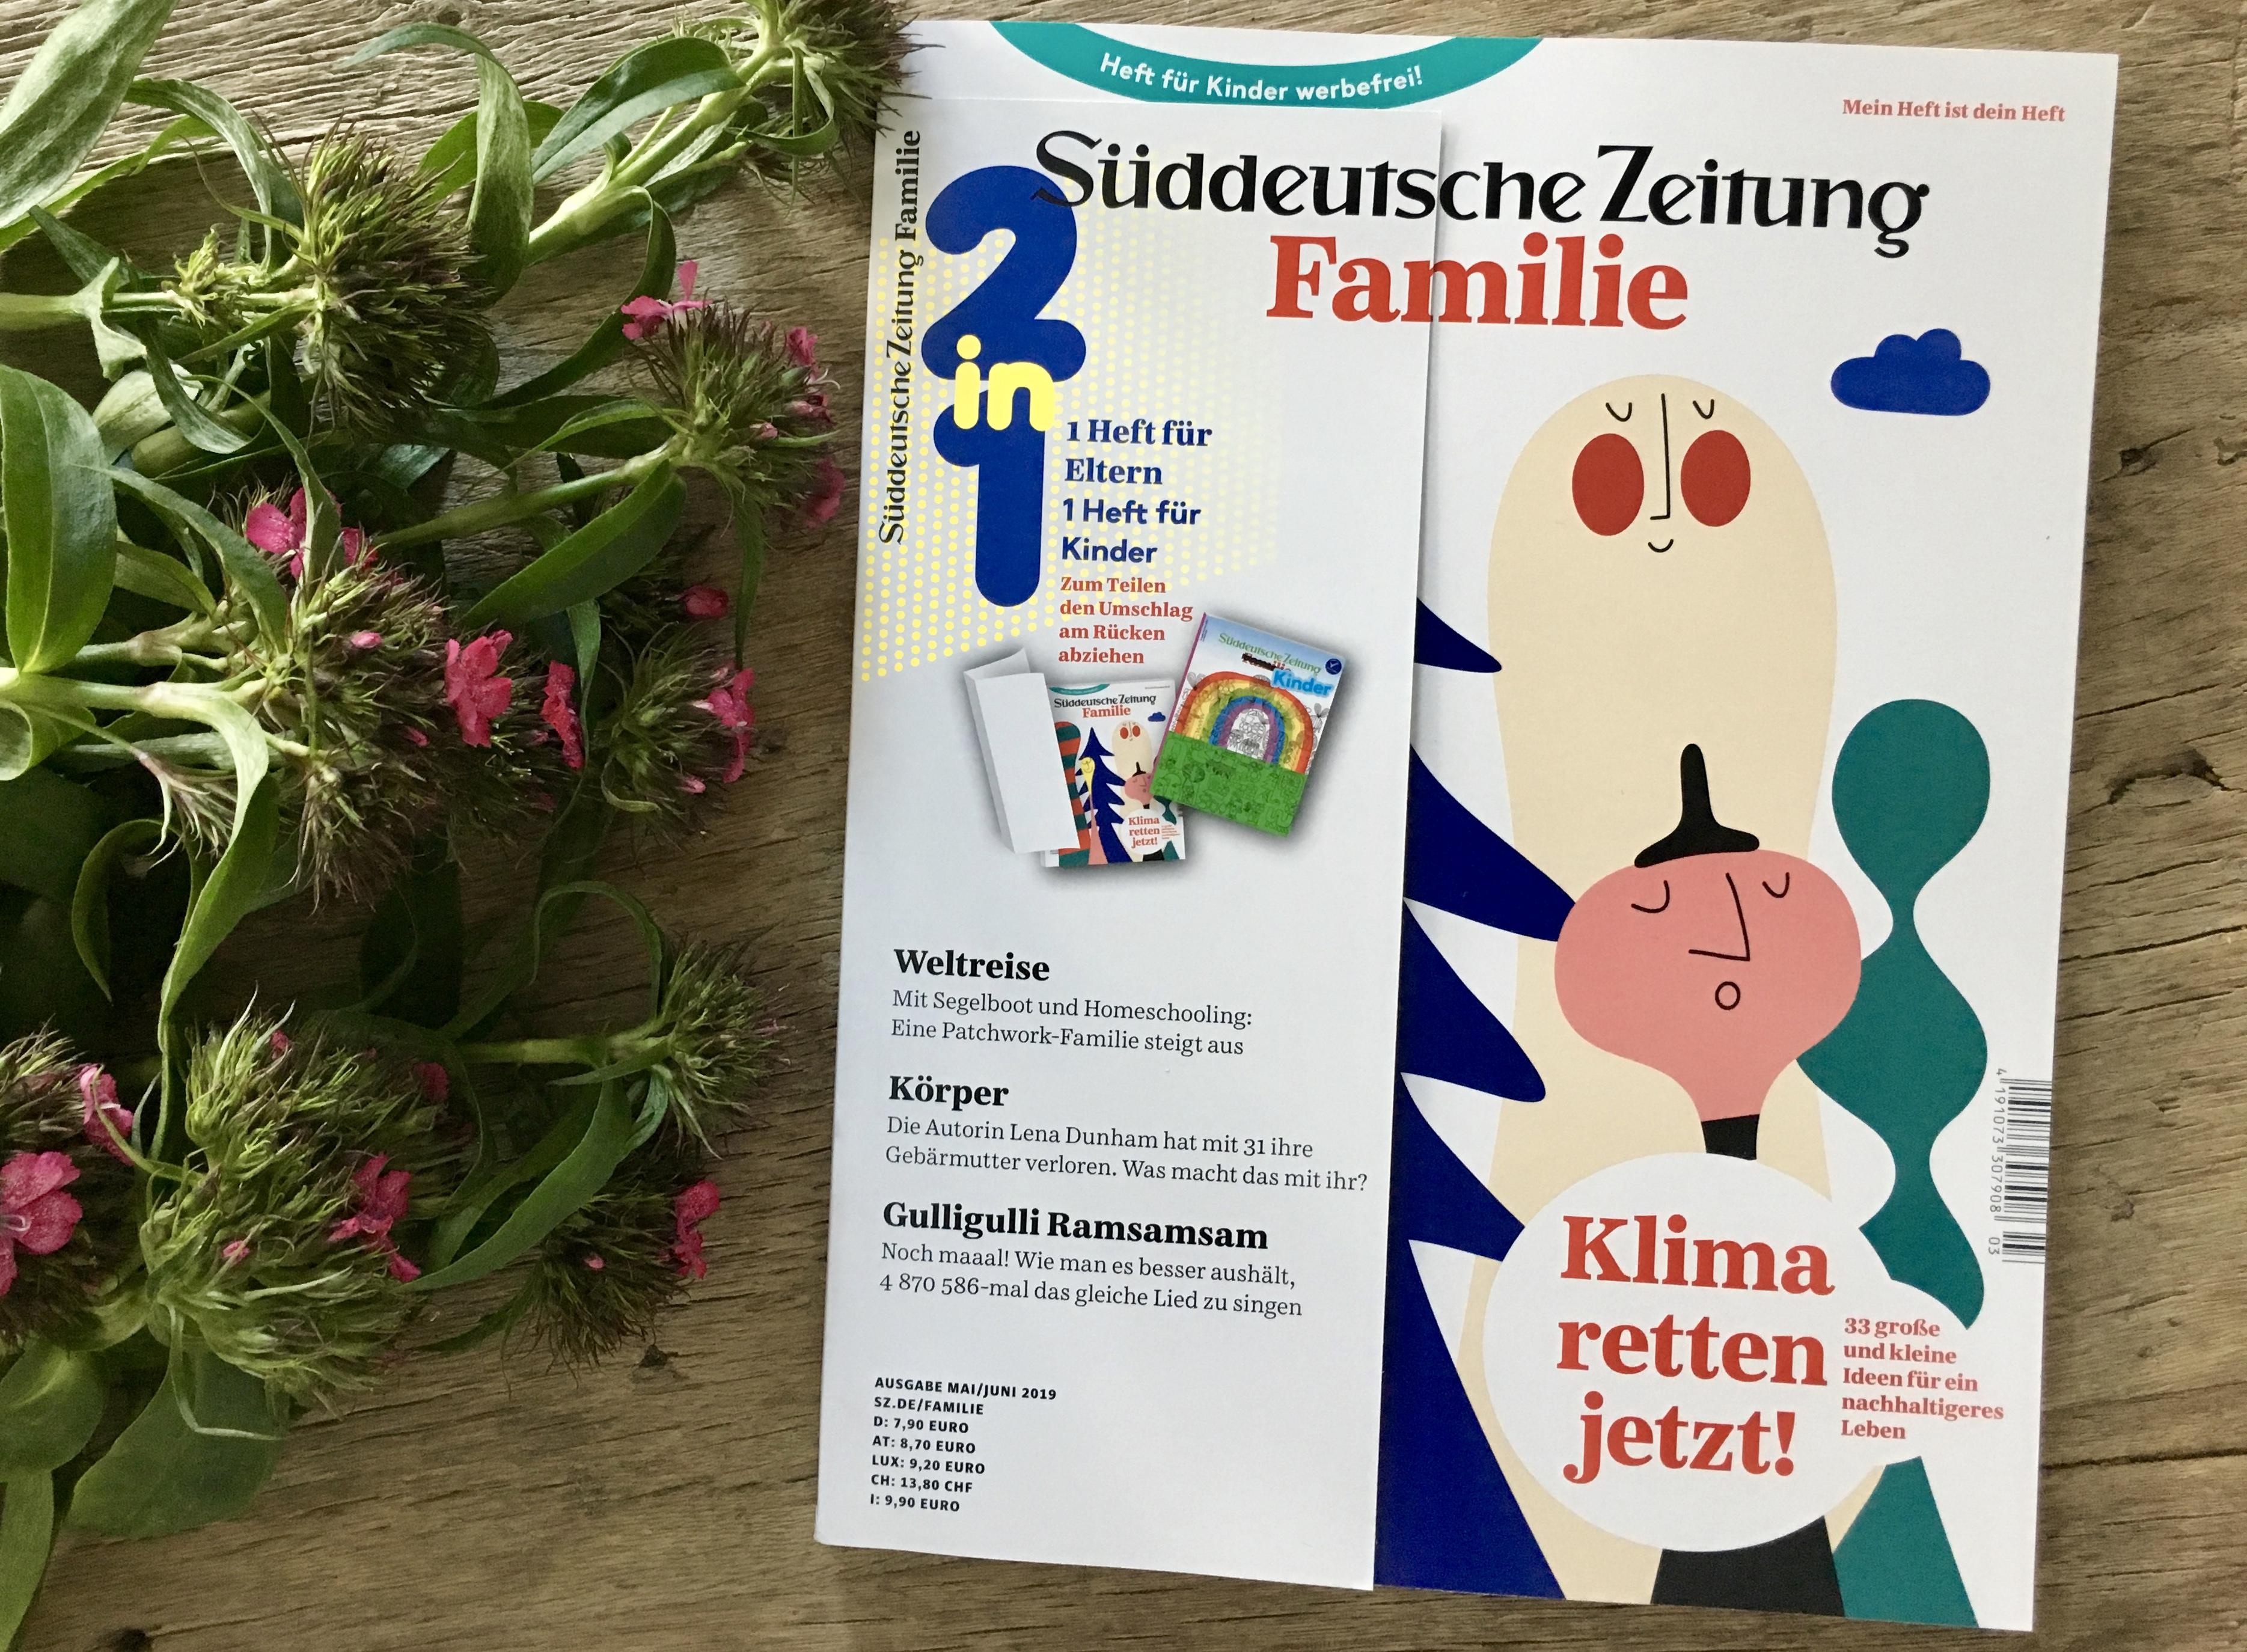 Süddeutsche Zeitung Familie